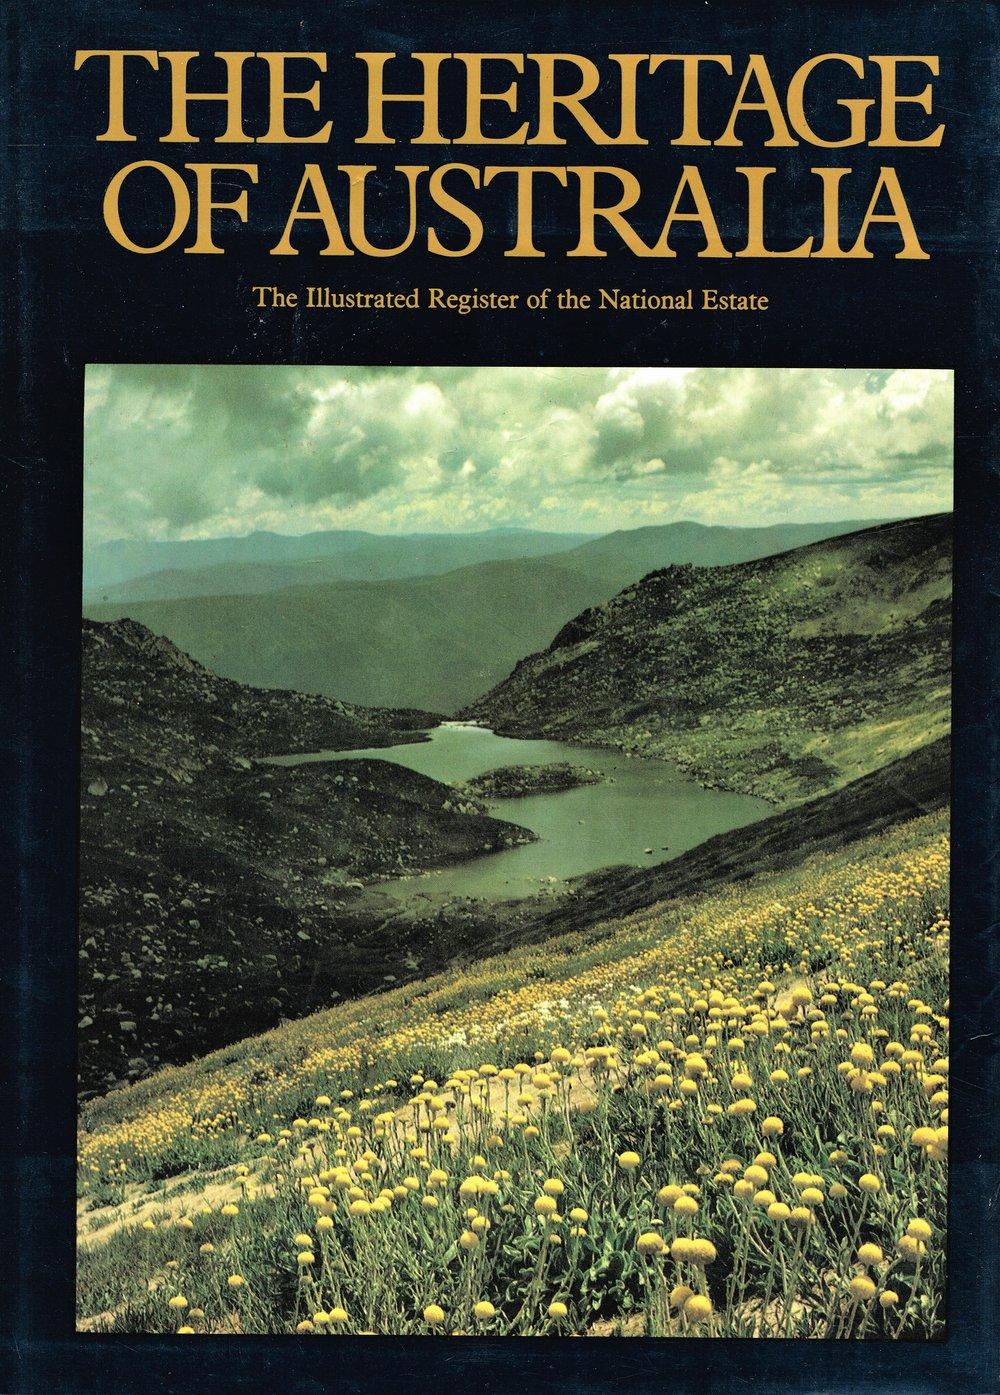 The Heritage of Australia.jpeg